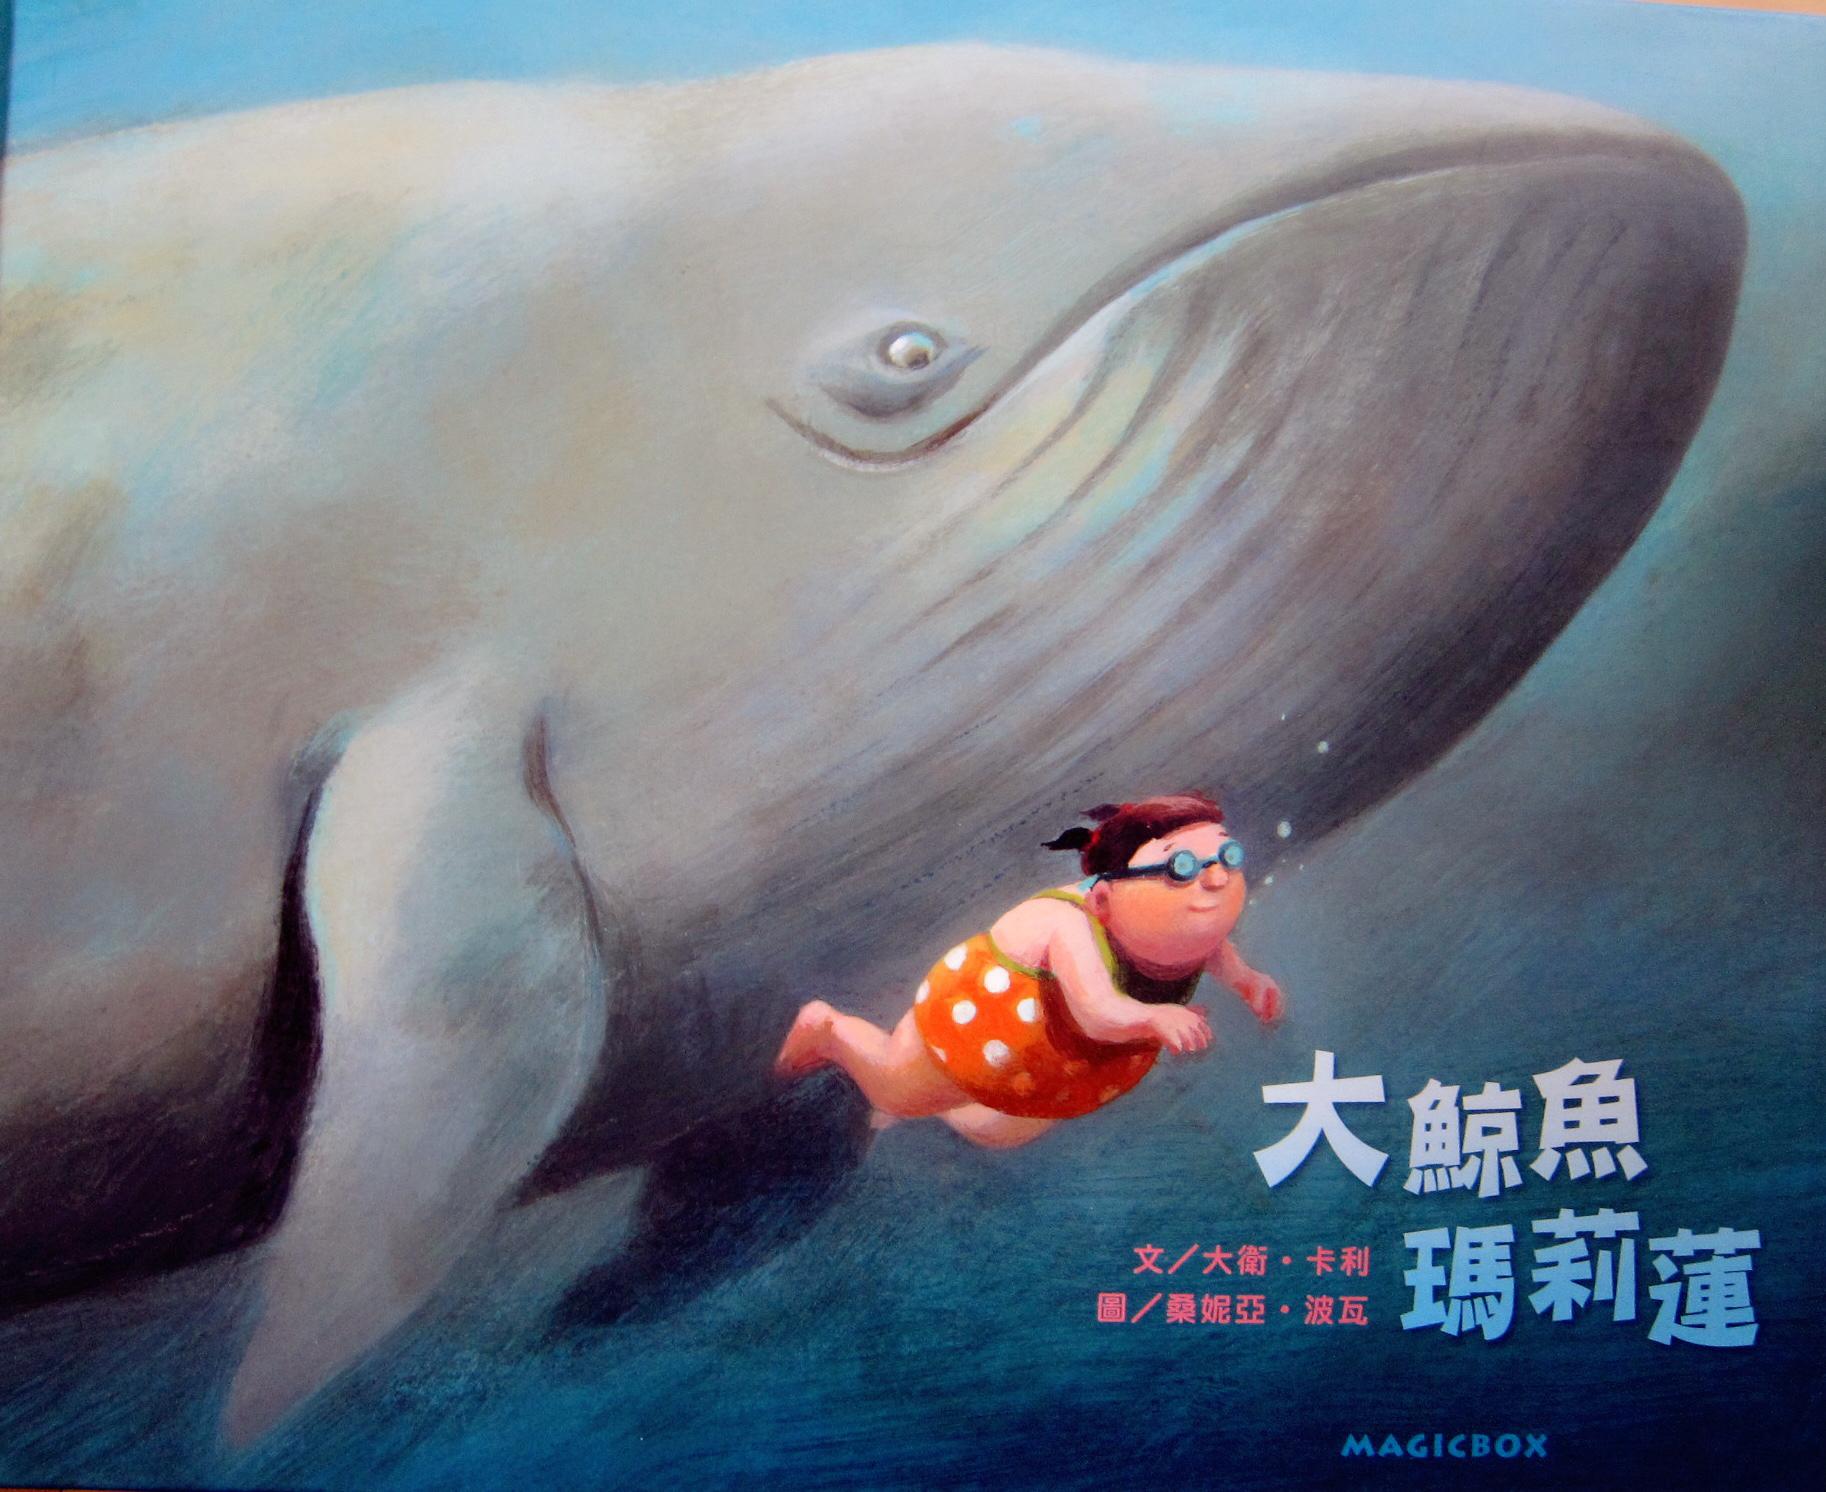 《蘇菲說故事》051 大鯨魚瑪莉蓮